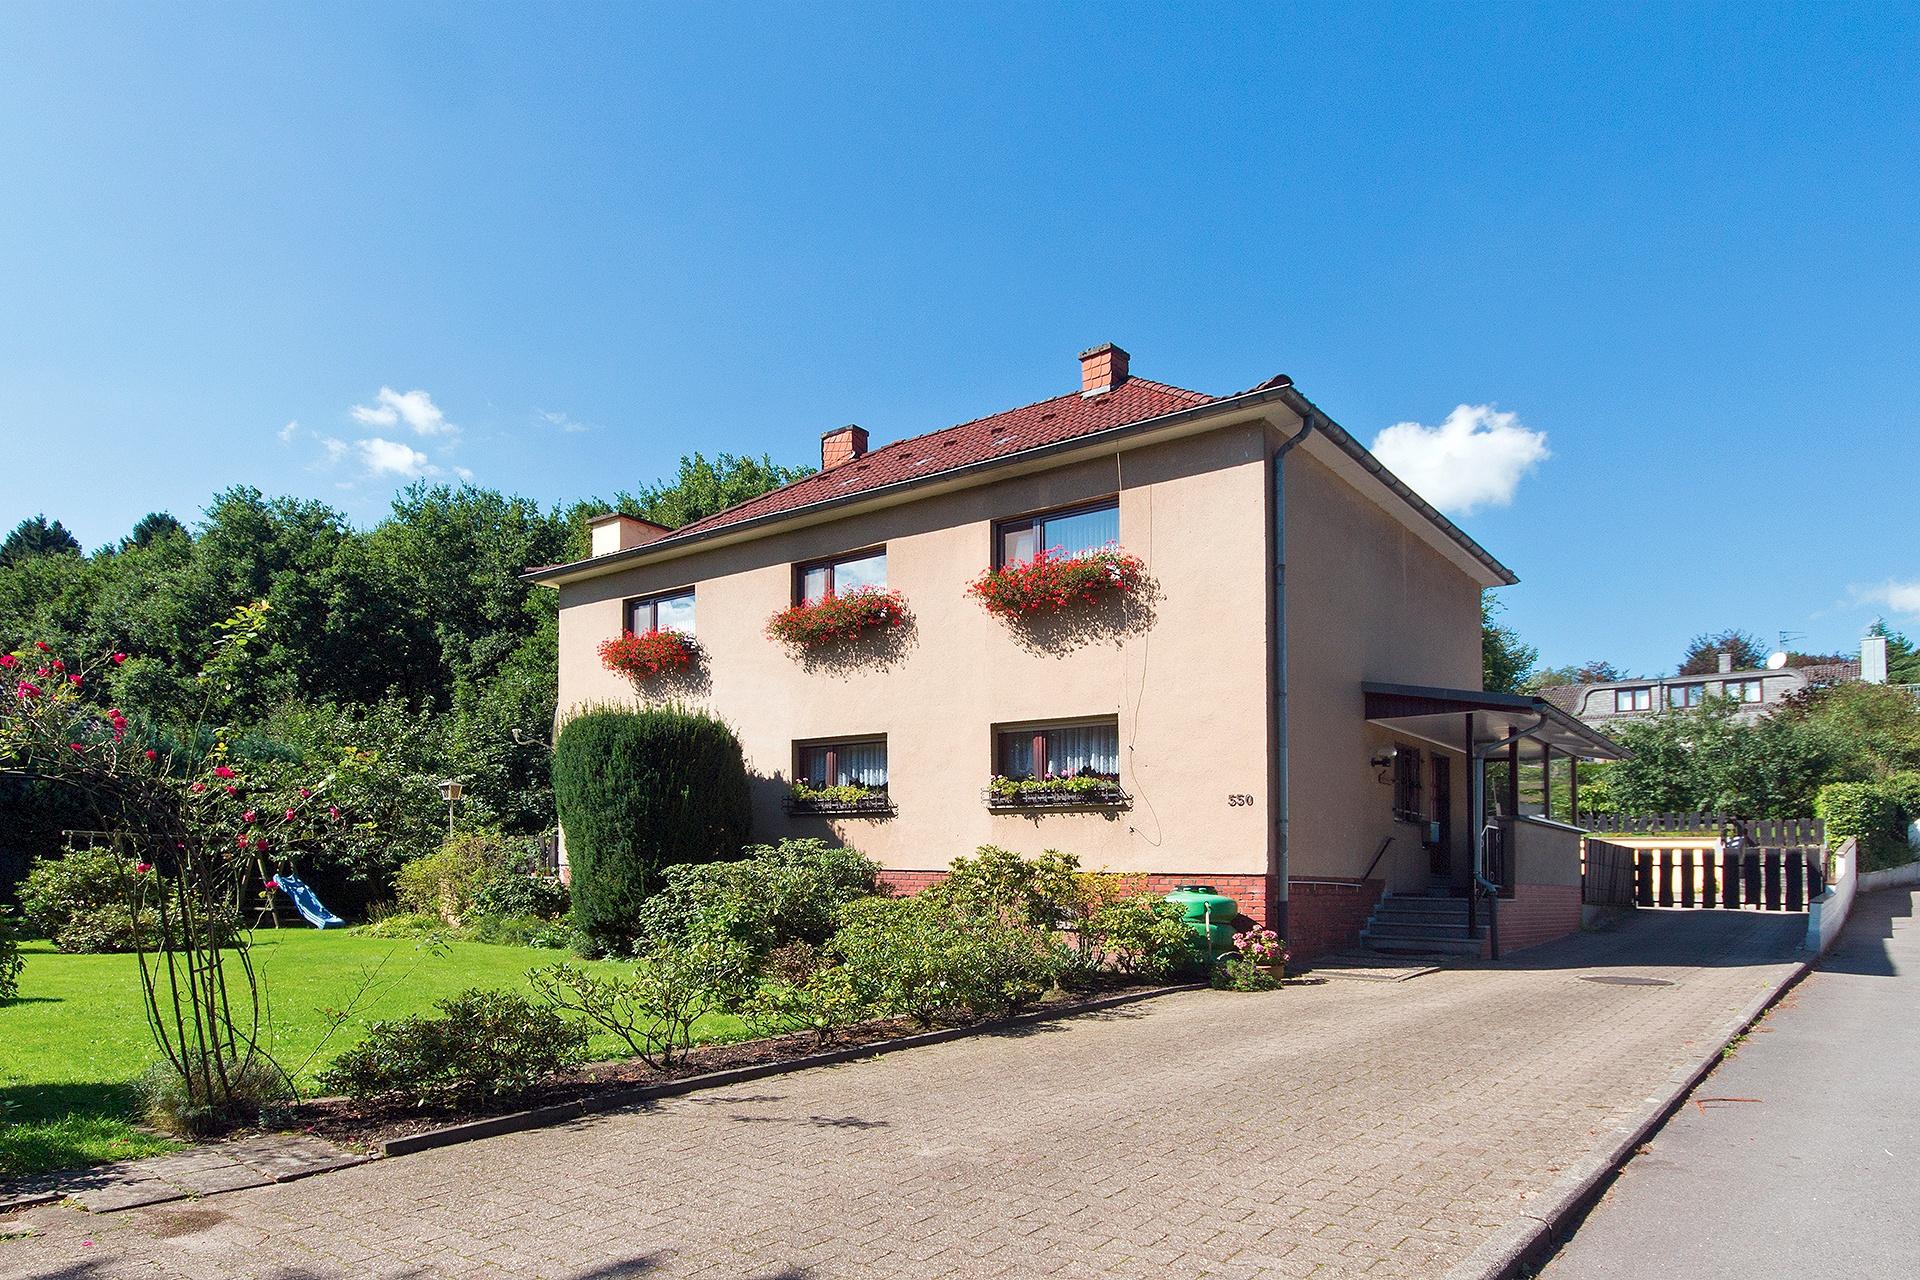 Immobilienmakler Aachen Zweifamilienhaus referenzen mit Immobilienbewertung